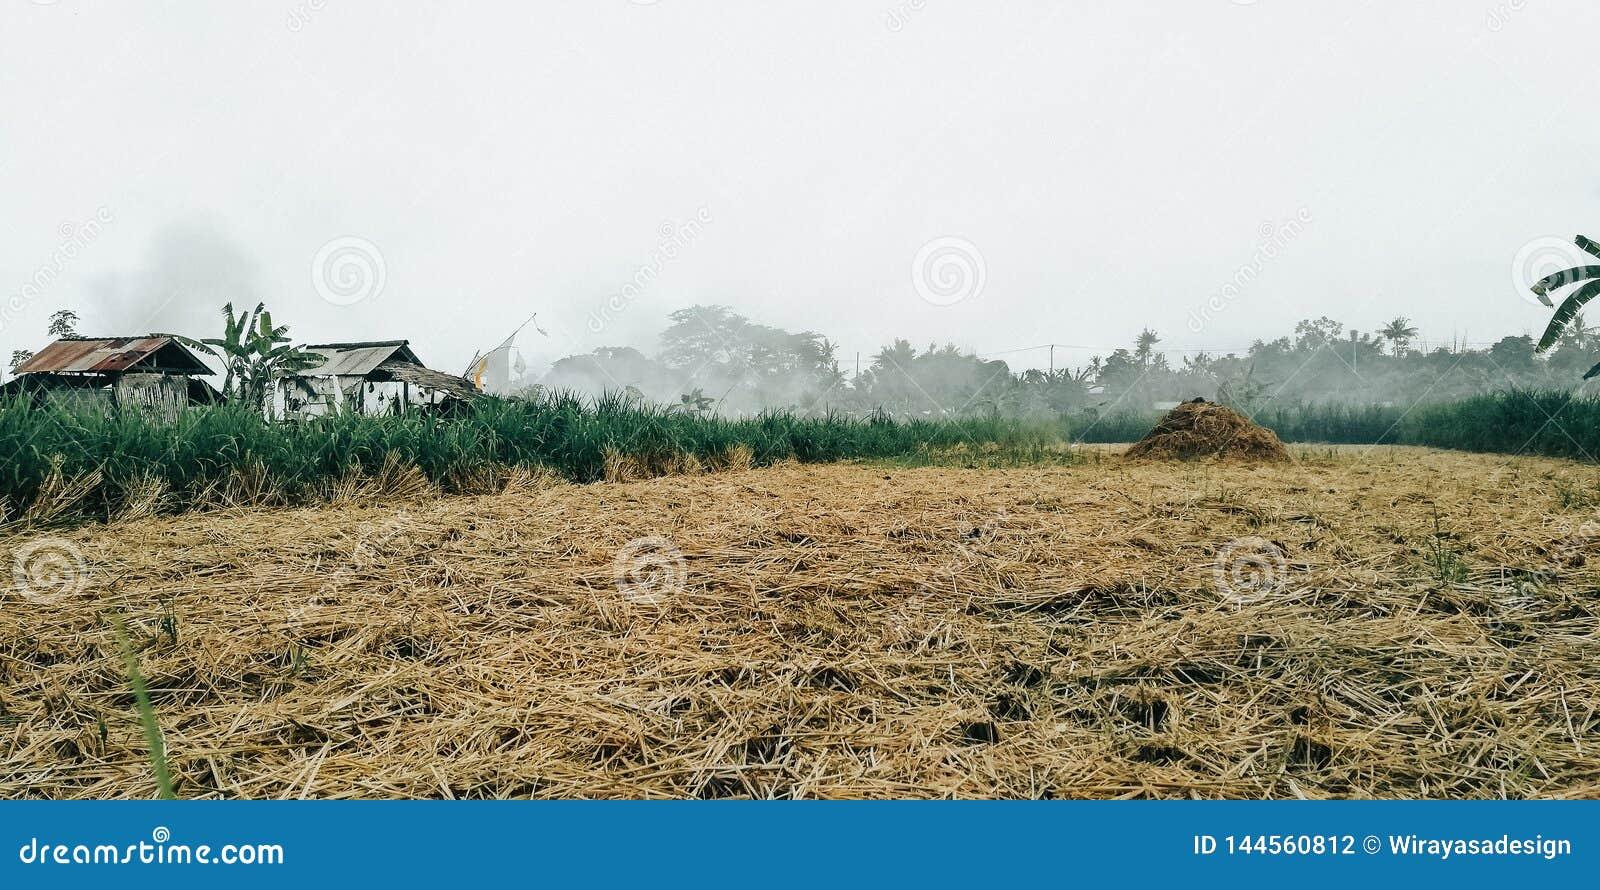 黄色米领域背景,当米由农夫收获